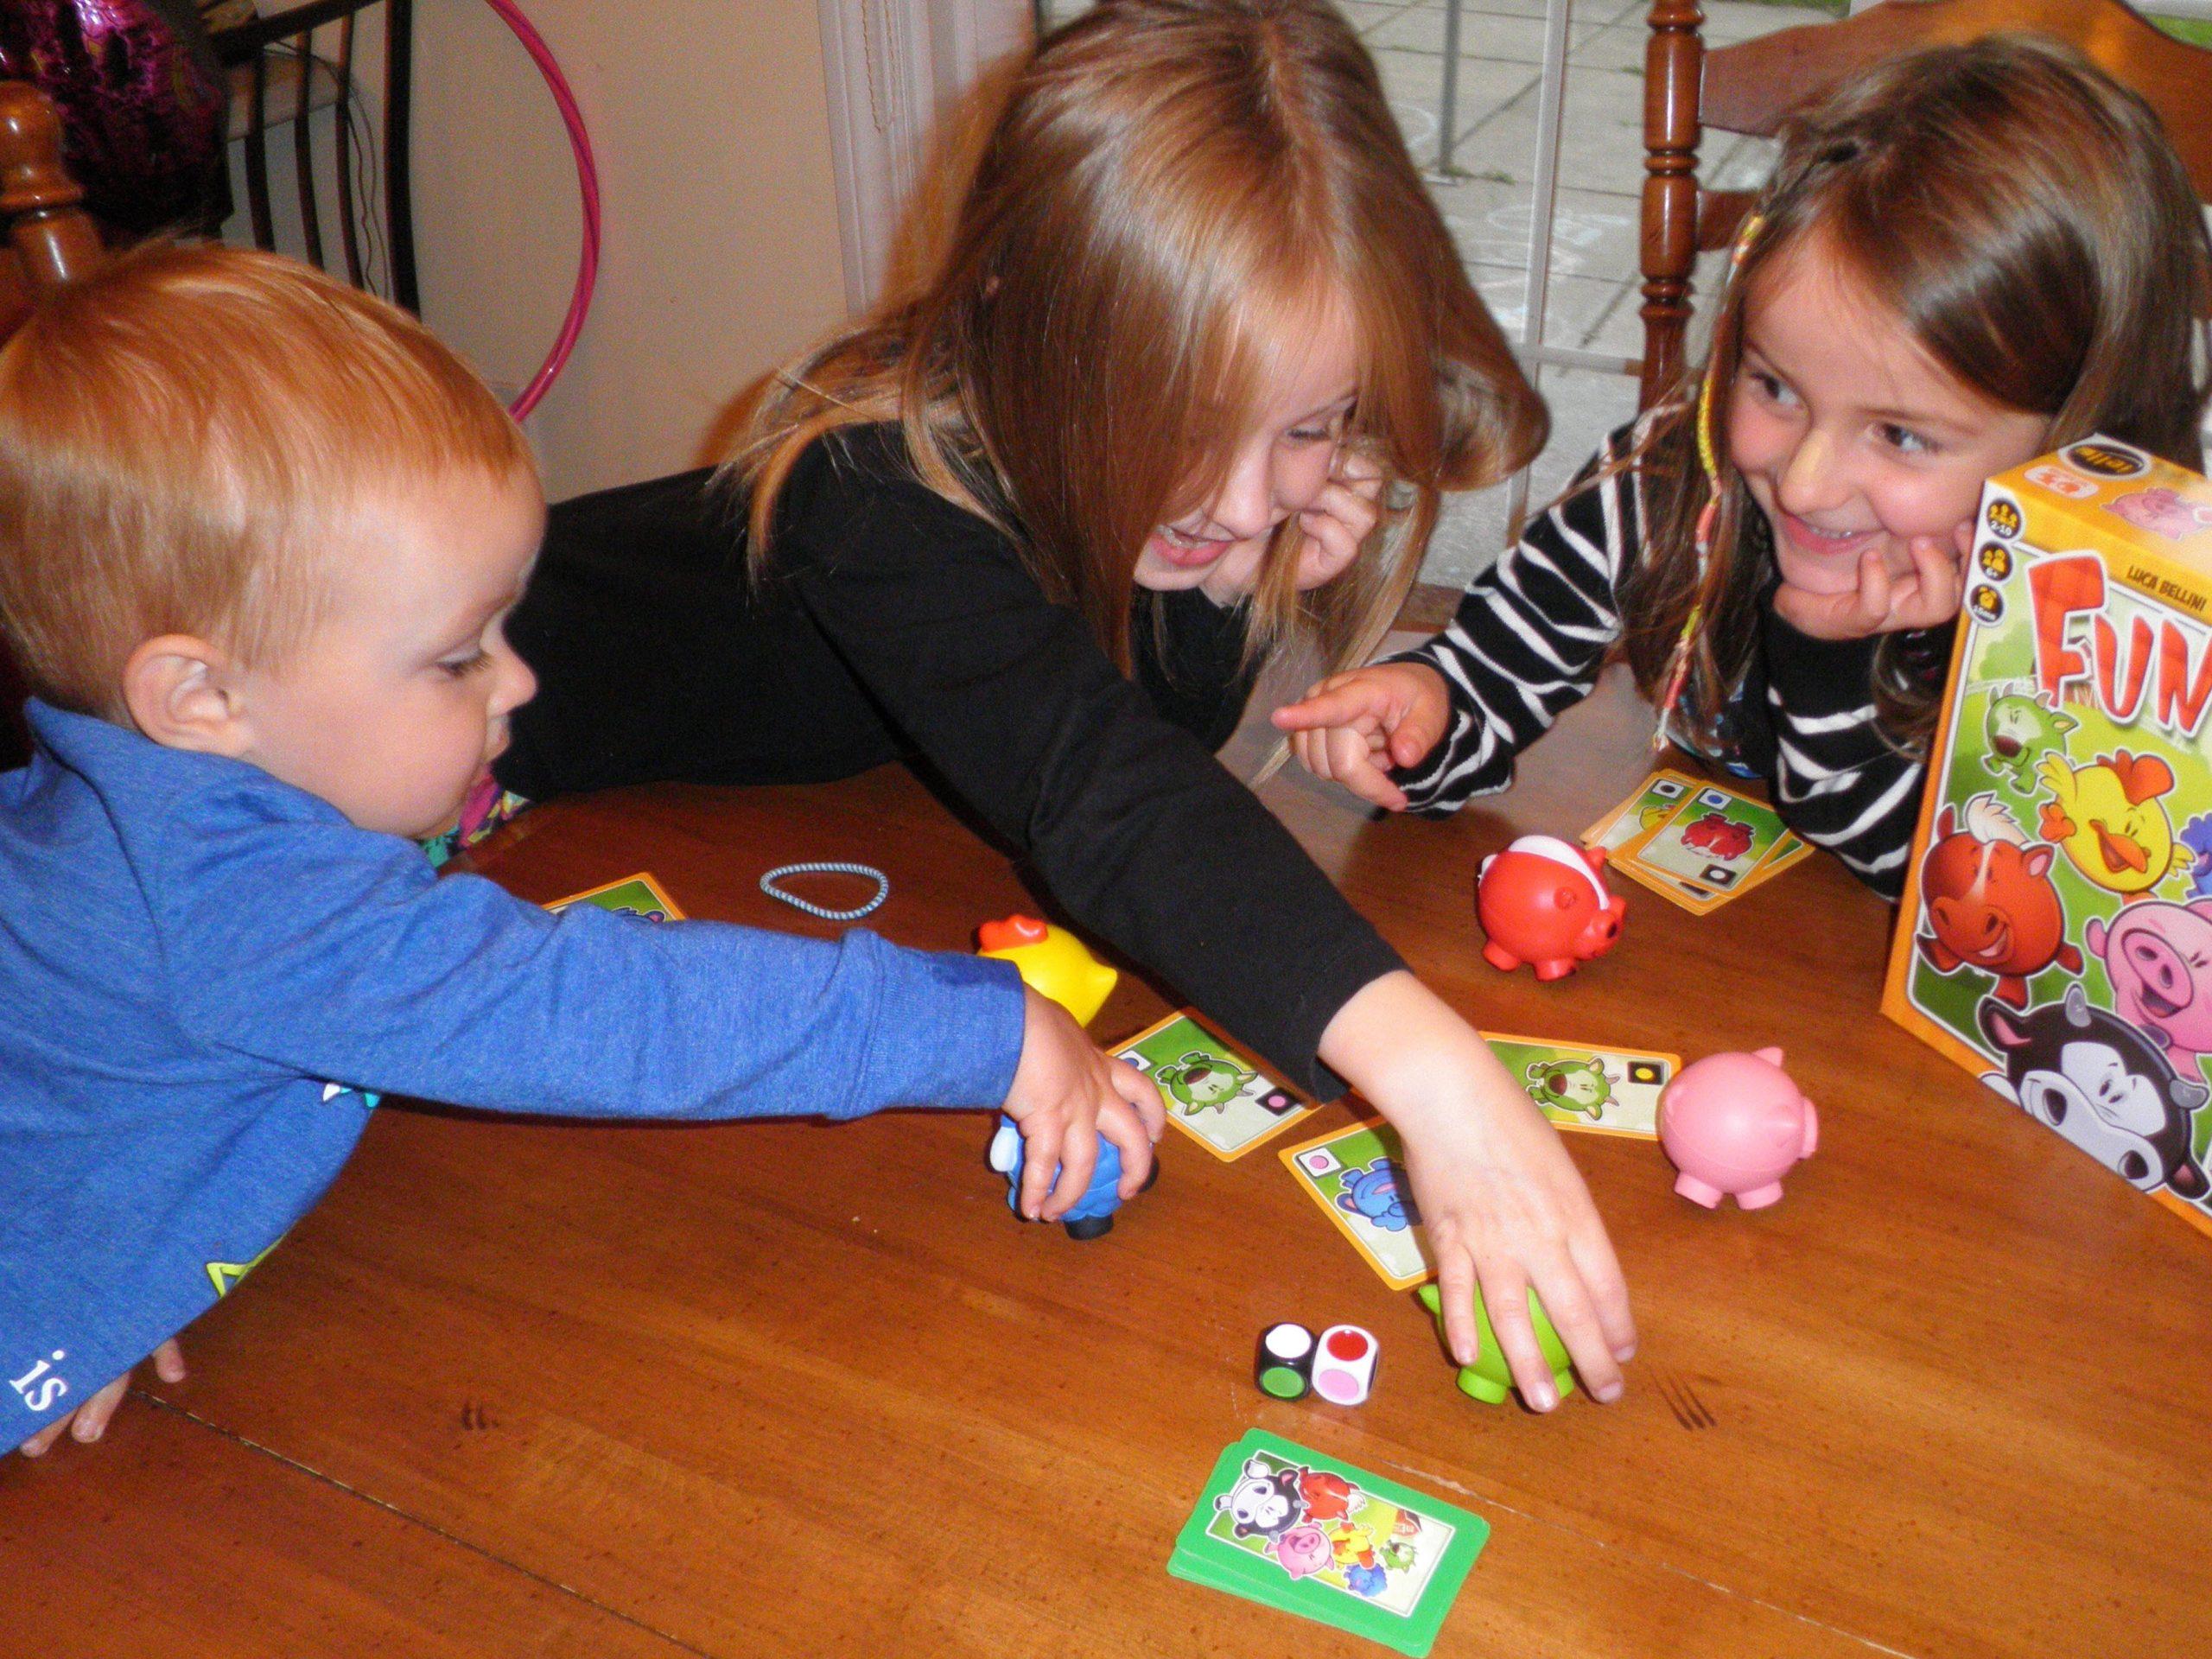 Les Jeux De Société concernant Jeu Gratuit Enfant 7 Ans